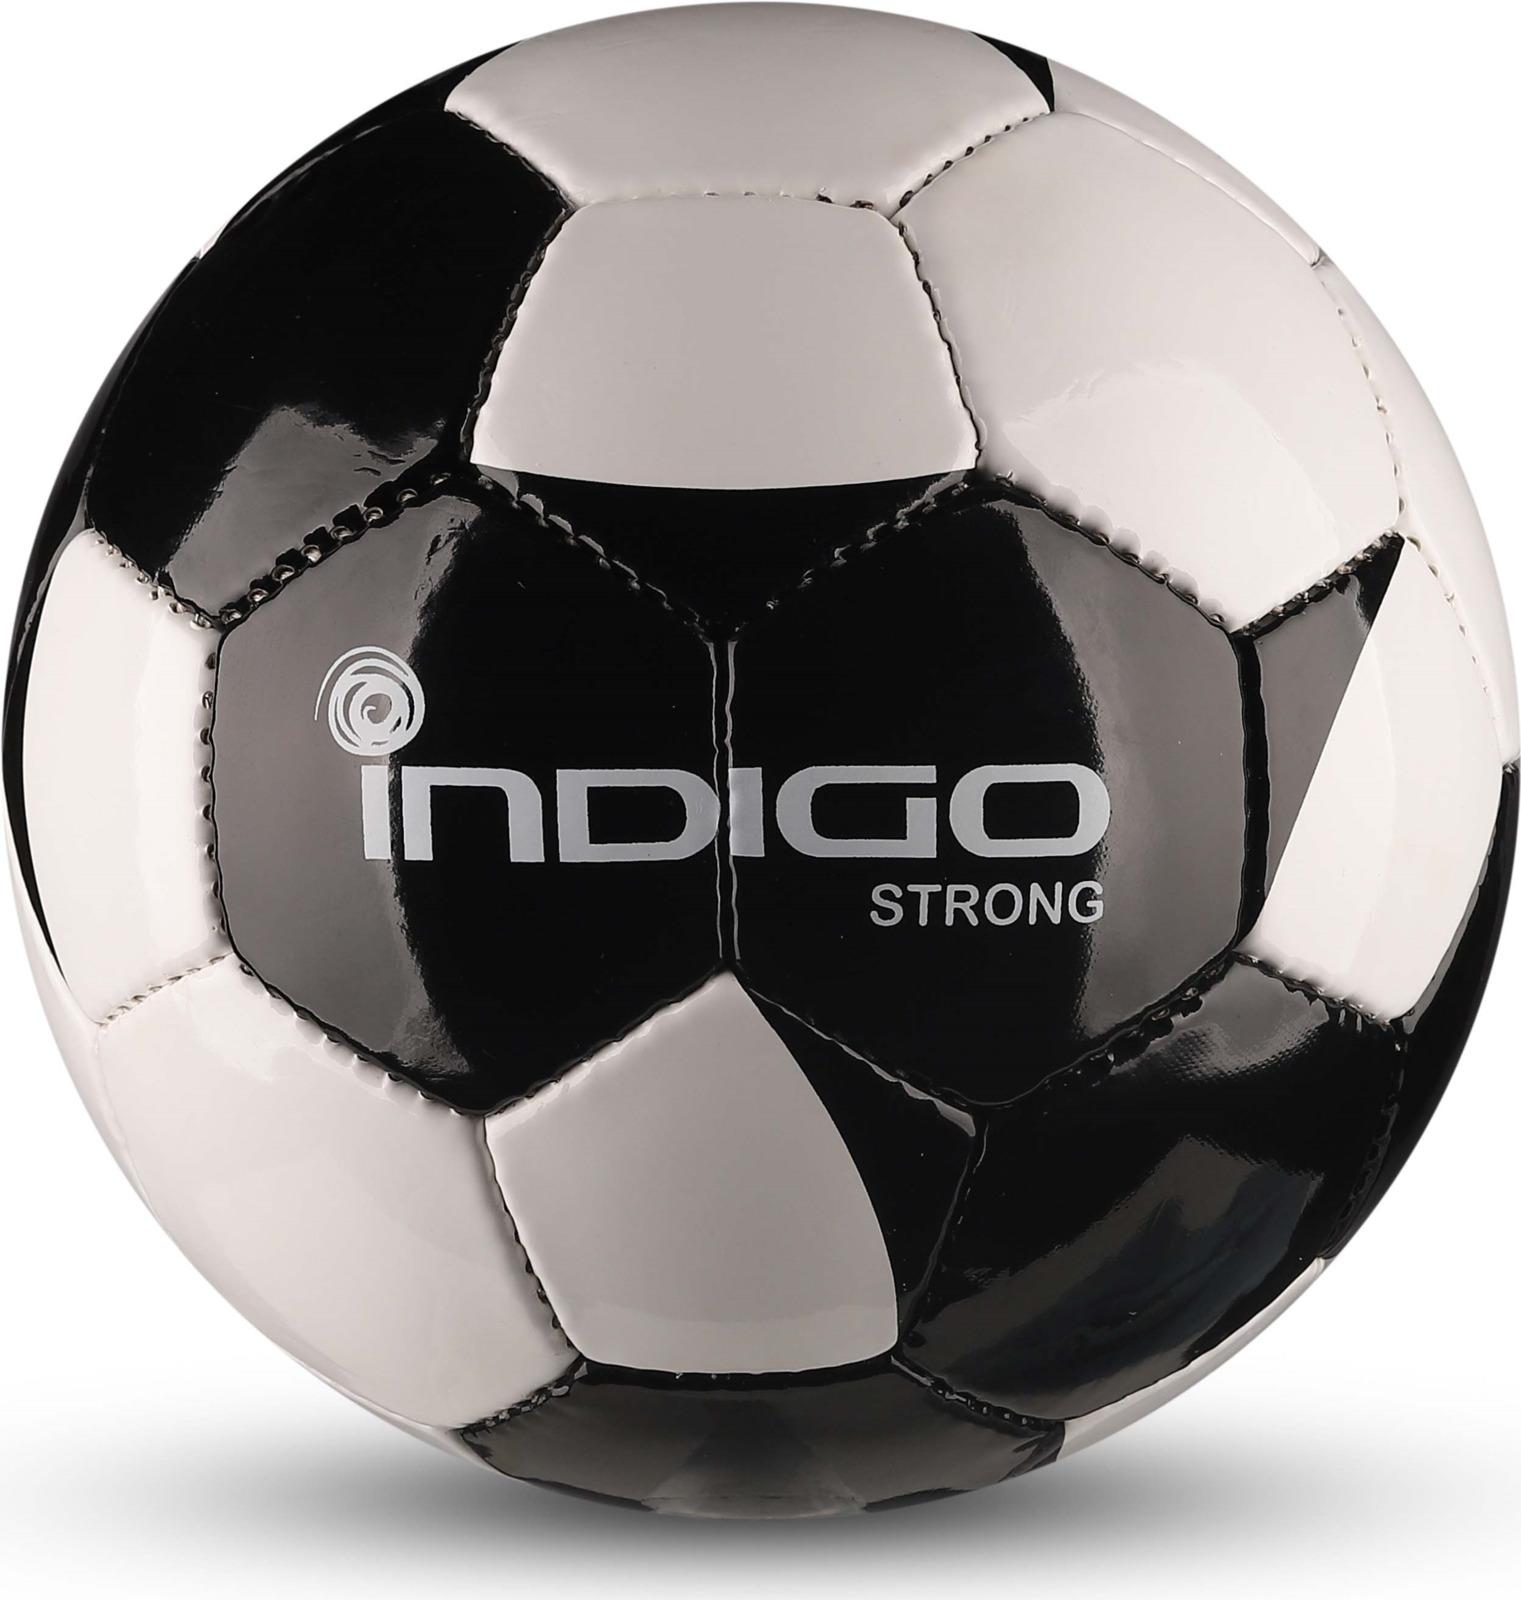 Мяч футбольный Indigo Strong, IN033, белый, черный, размер 4 мяч футбольный indigo rain in031 белый синий желтый размер 3